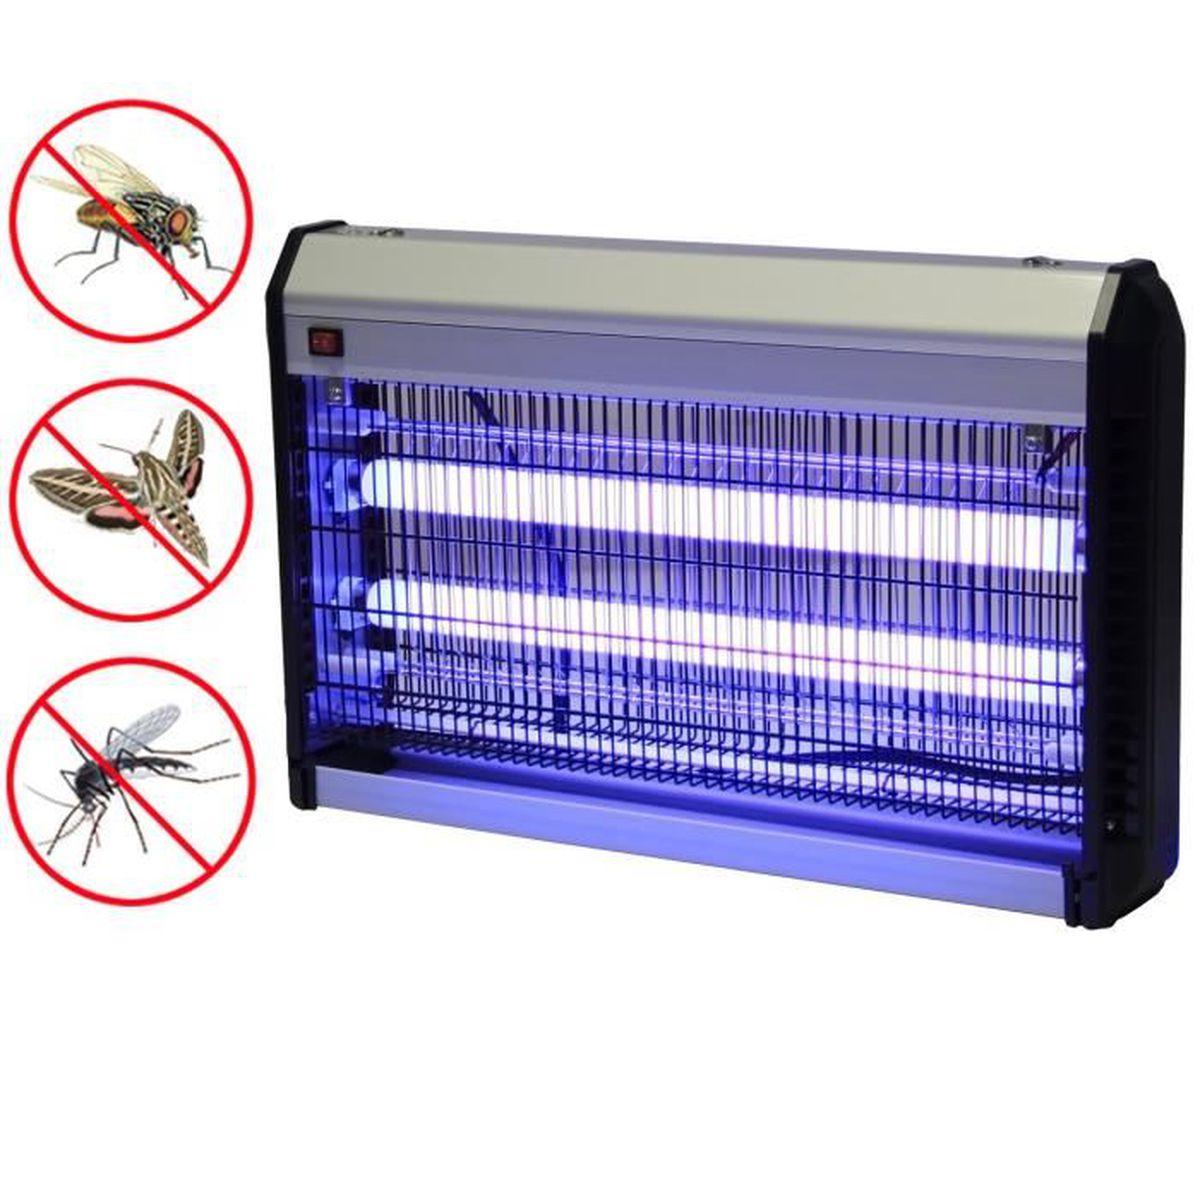 lampe anti moustique achat vente lampe anti moustique prix canon les soldes sur. Black Bedroom Furniture Sets. Home Design Ideas